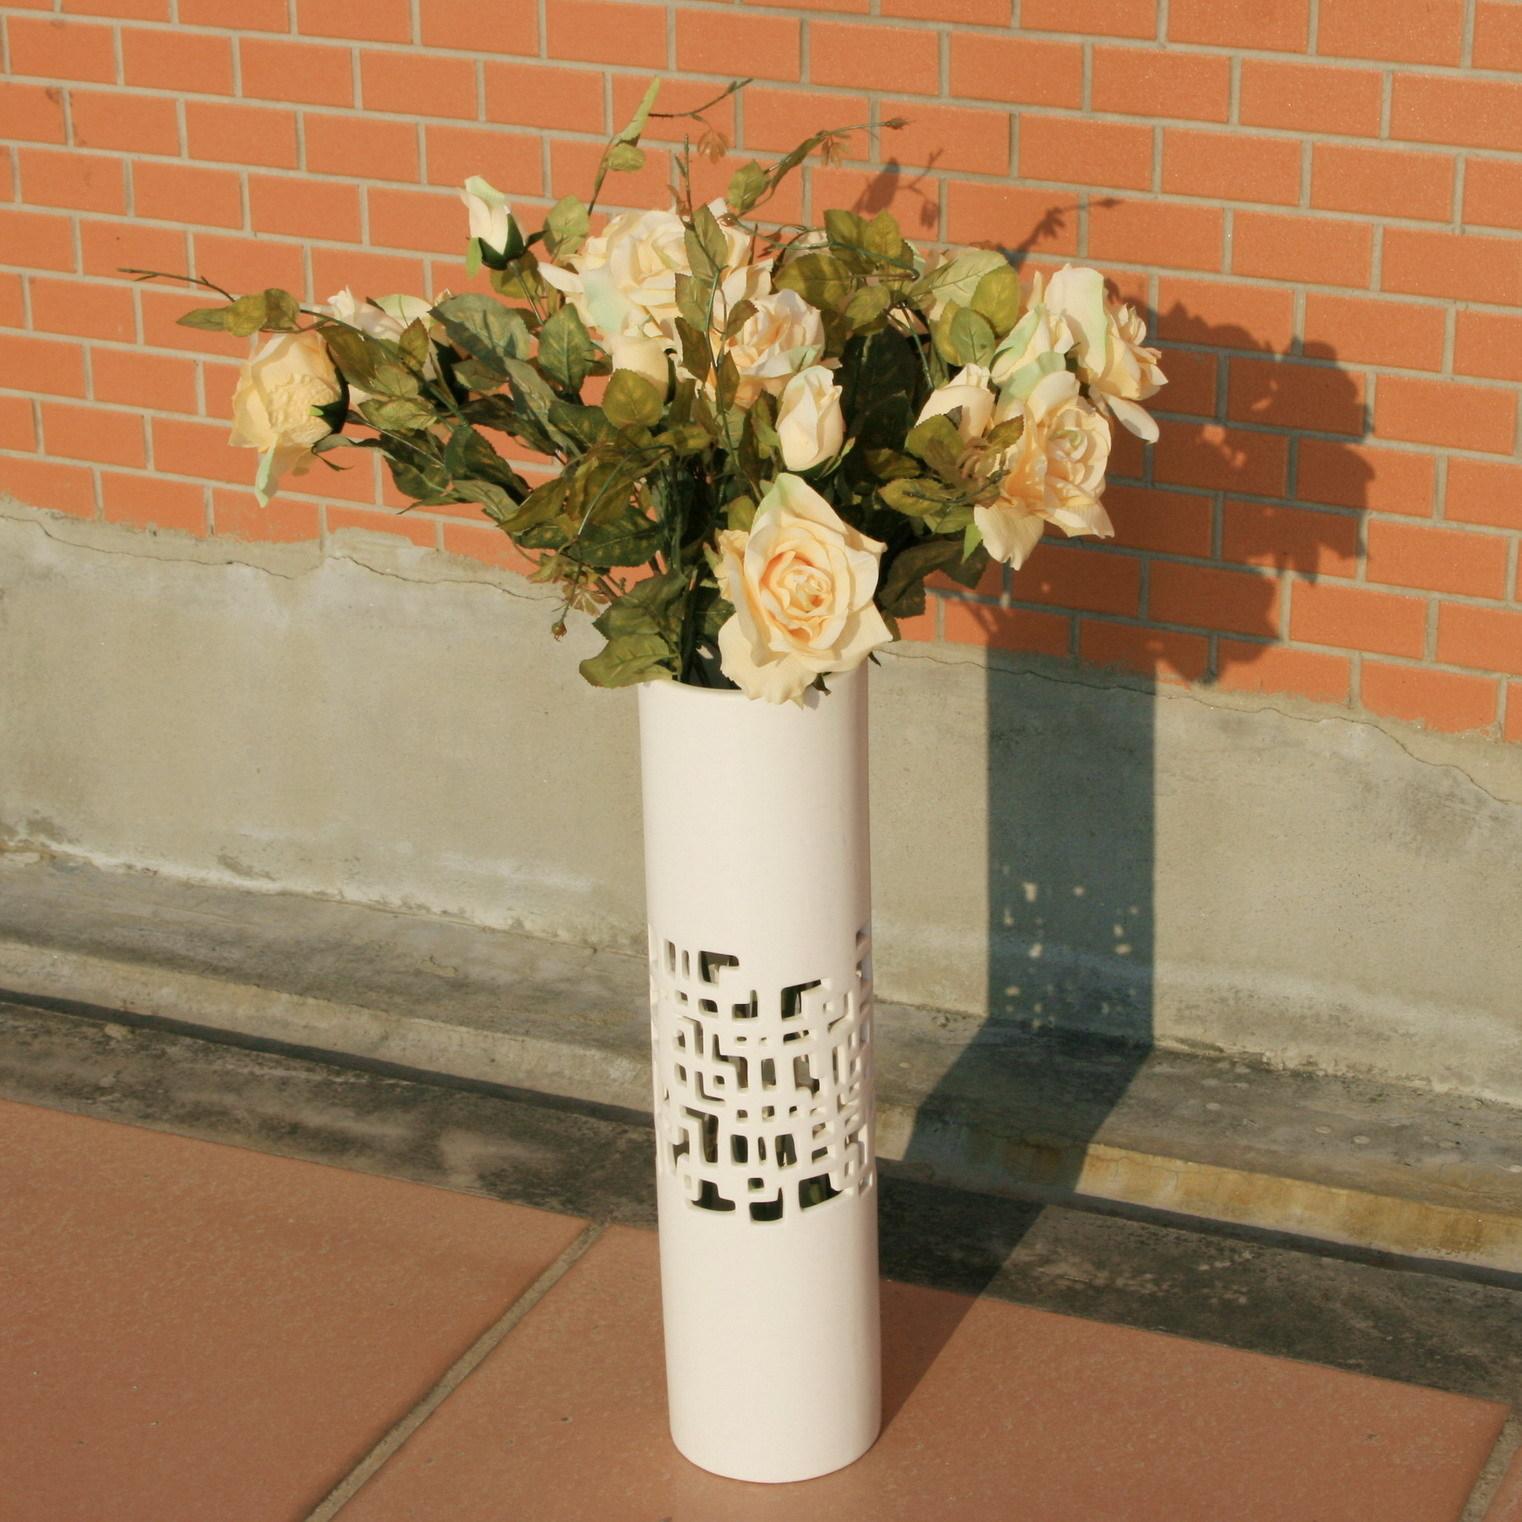 婚房新欧式雕刻镂空精品亚光磨砂珍珠白 现代陶瓷家居落地大花瓶